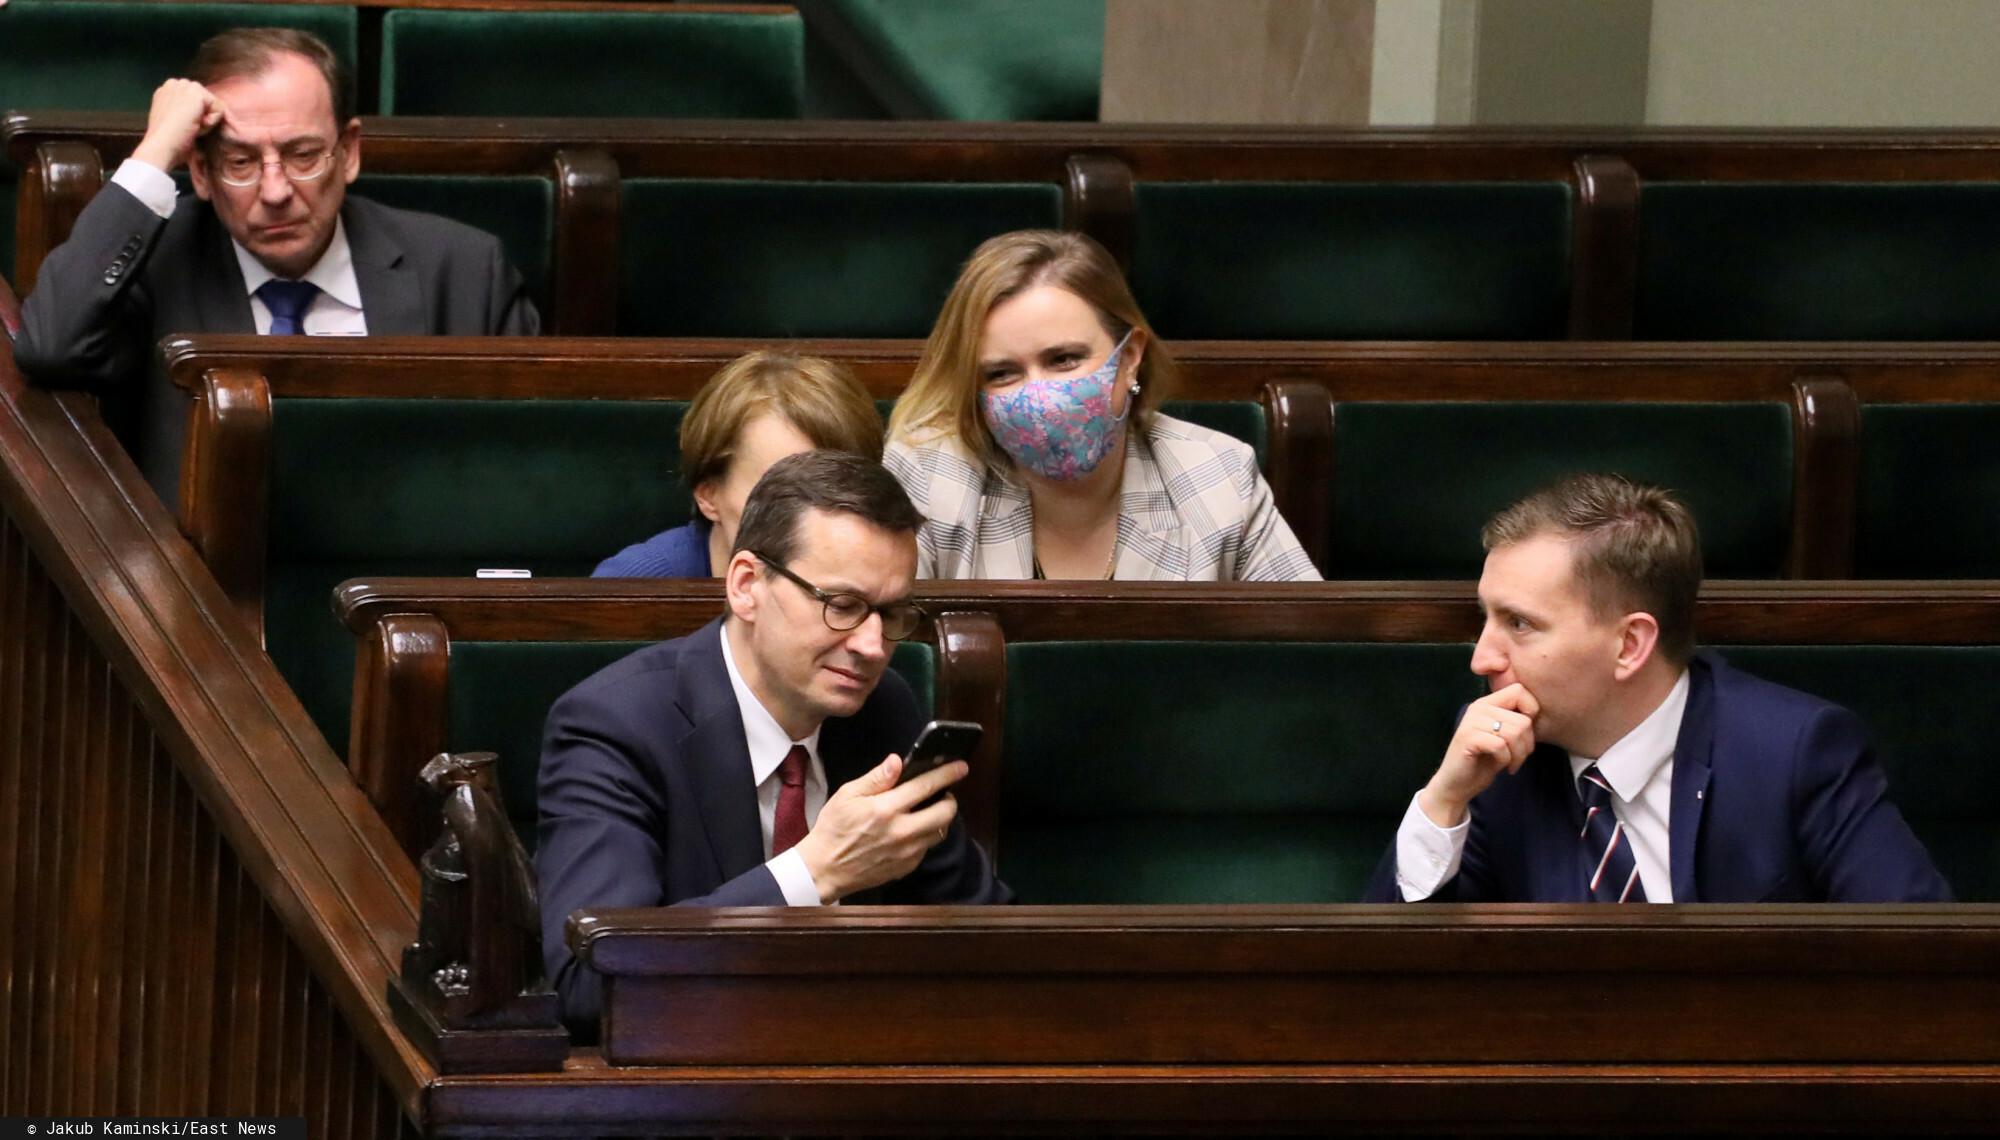 Rząd zatwierdził rewolucję dotyczącą emerytur Polek i Polaków. Zdecydowano o likwidacji OFE, w których obywatele zgromadzili 148 mld zł.